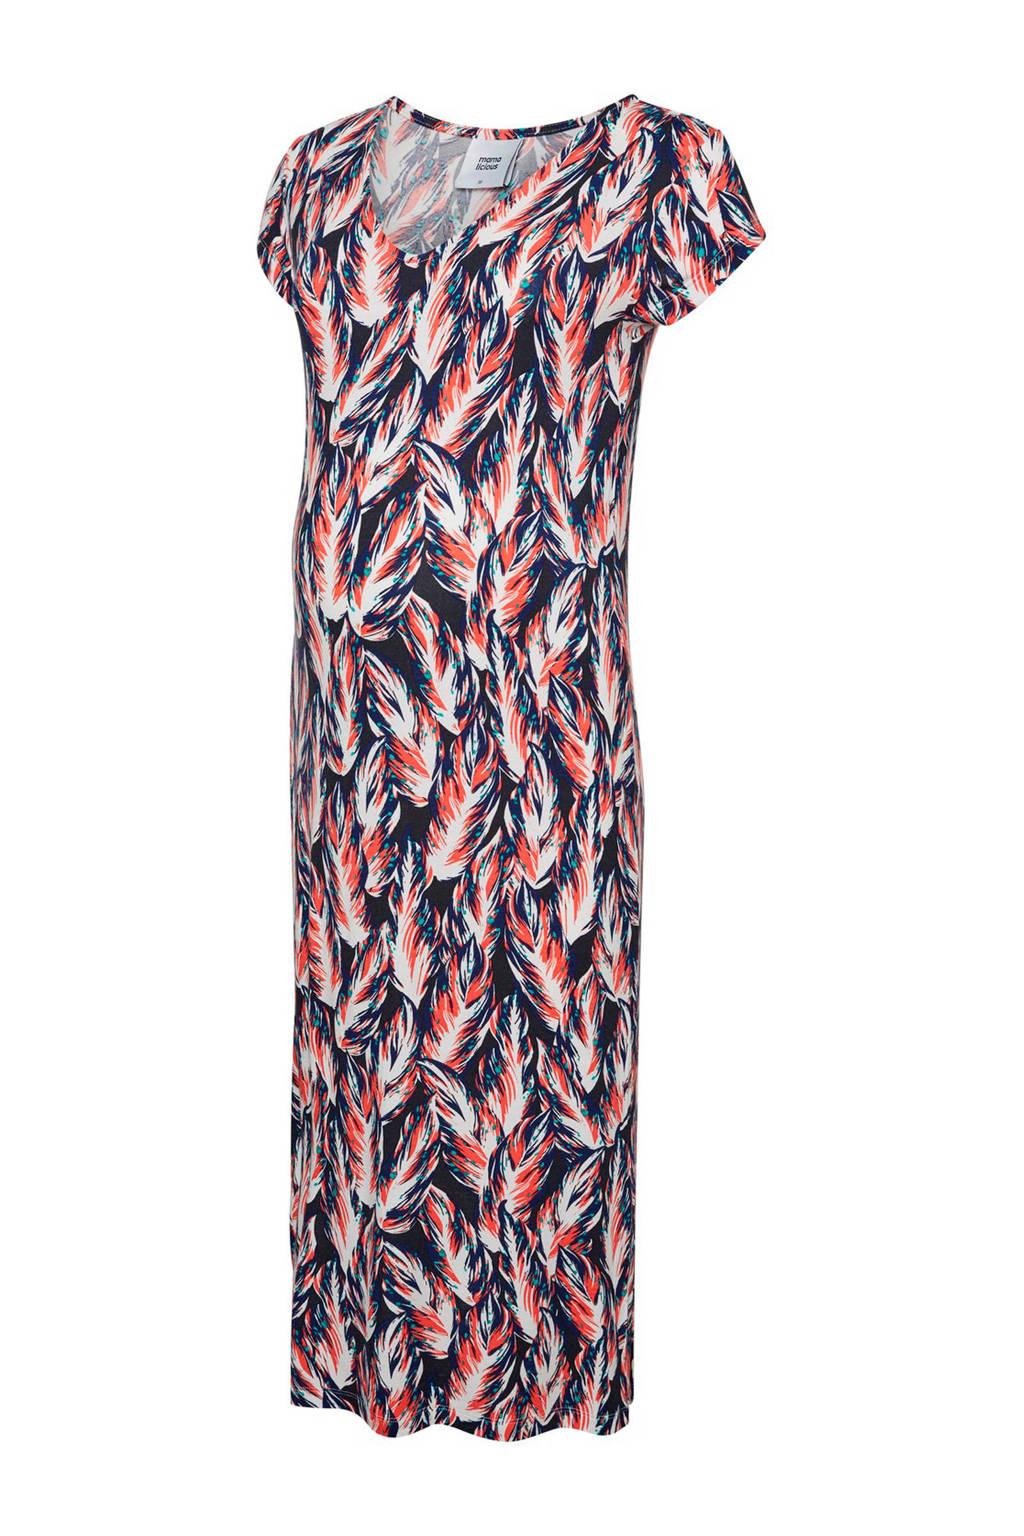 MAMA-LICIOUS zwangerschap maxi jurk Rhea met all over print, Zwart/ wit/ oranje